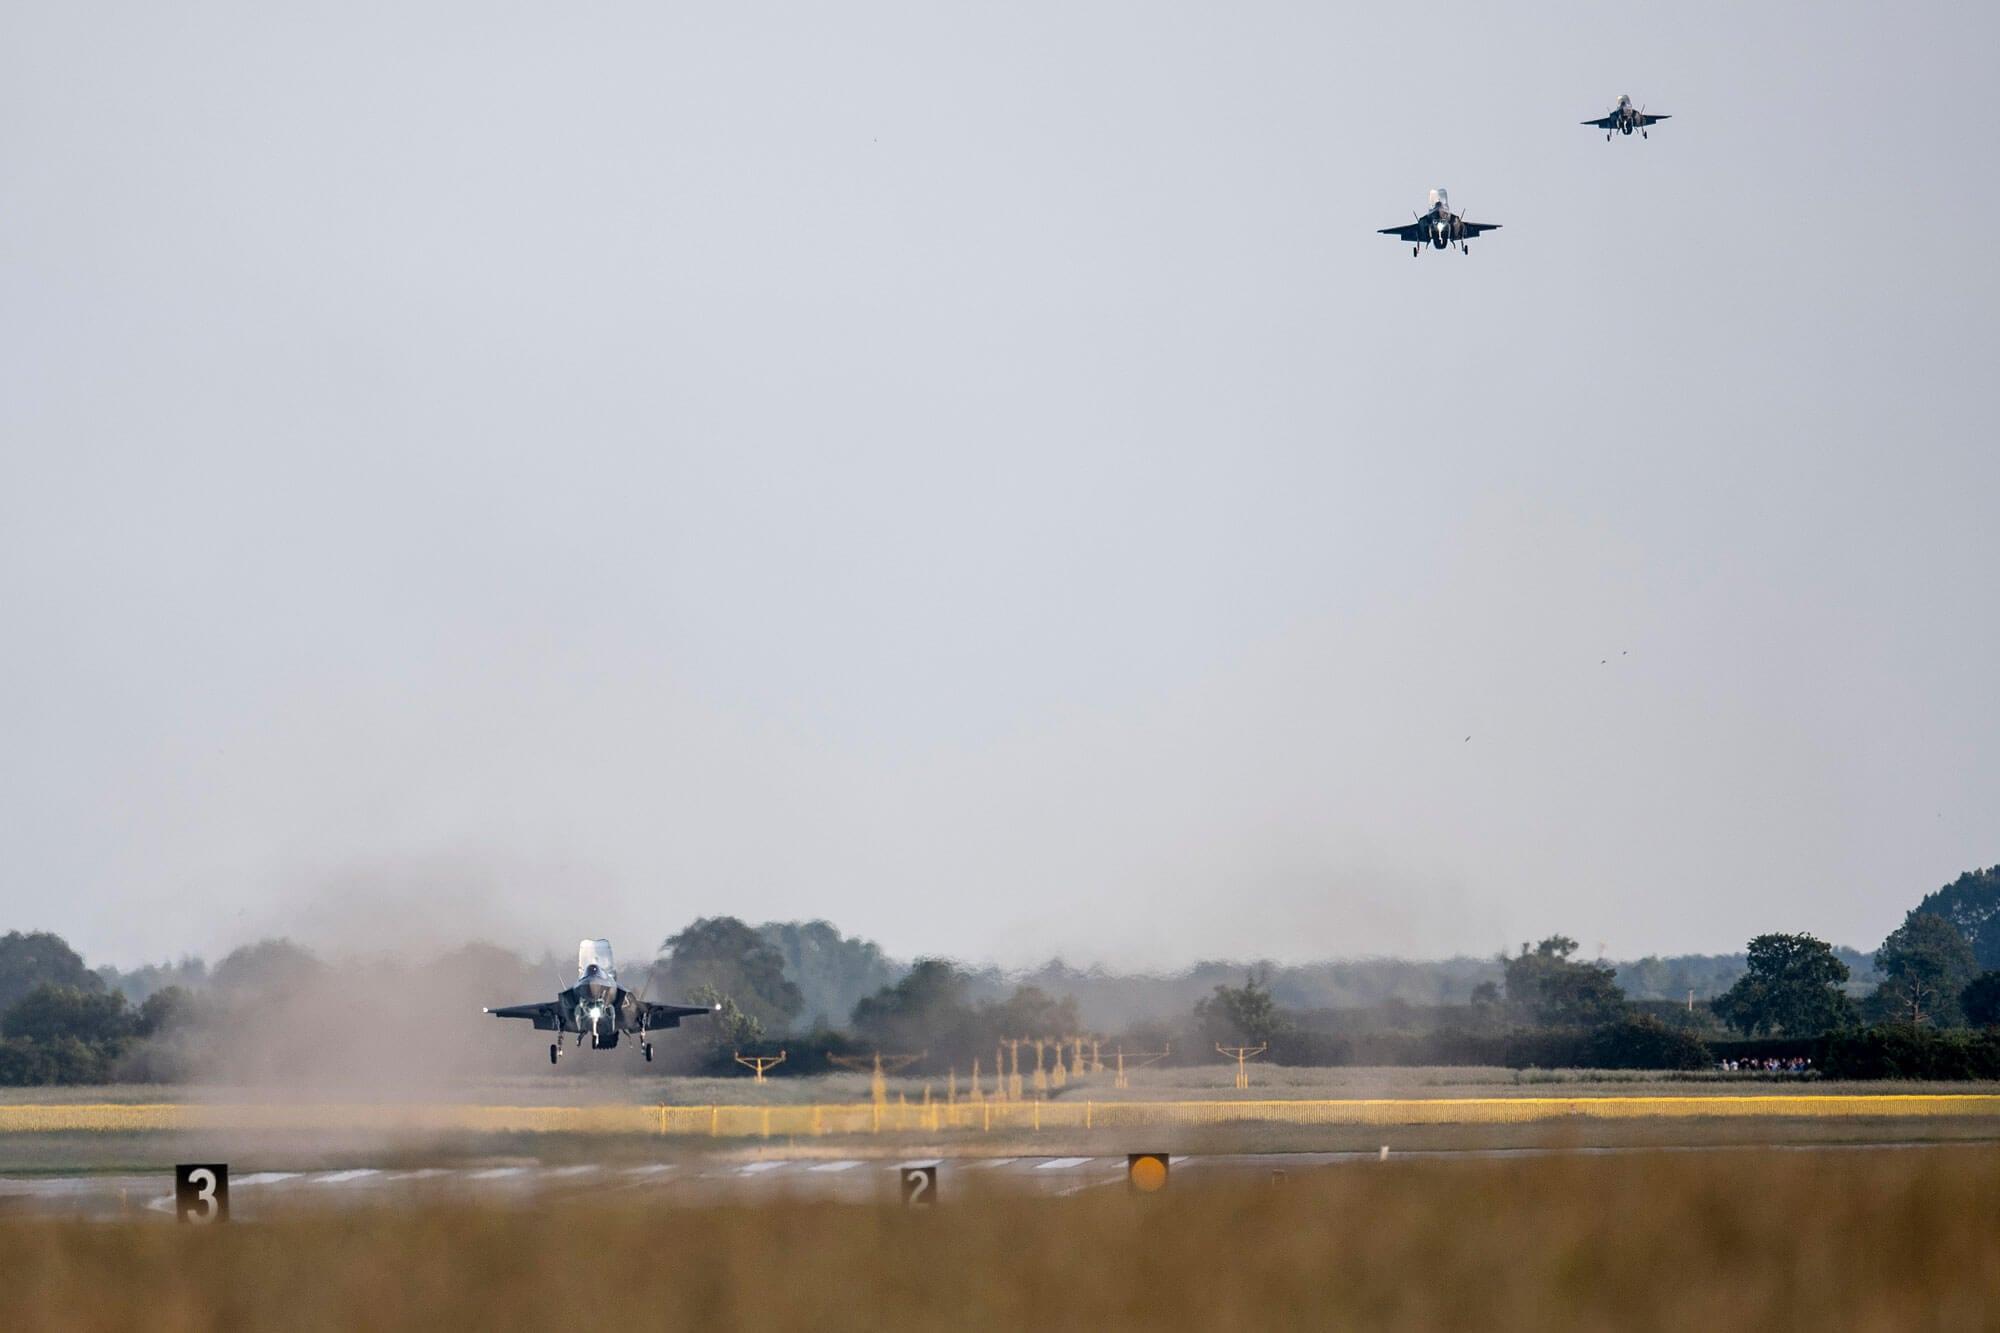 F-35s landing in a row